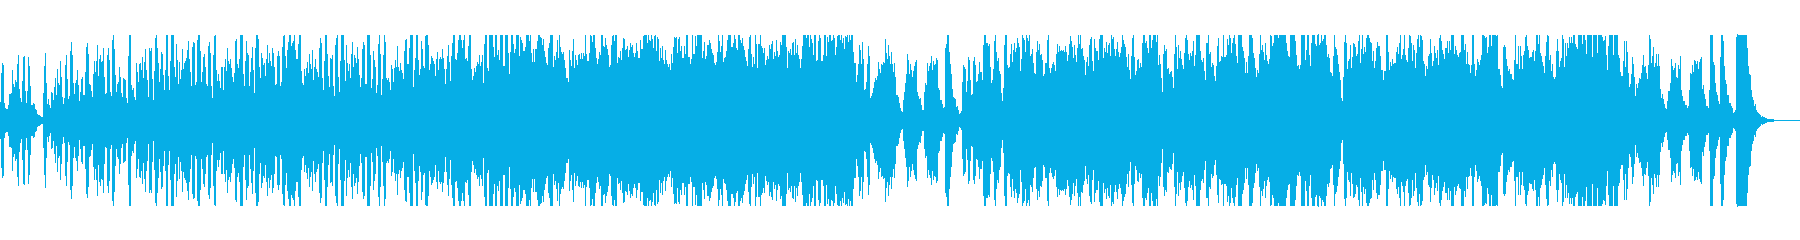 ファンタジーな管楽器シンセサウンドの再生済みの波形